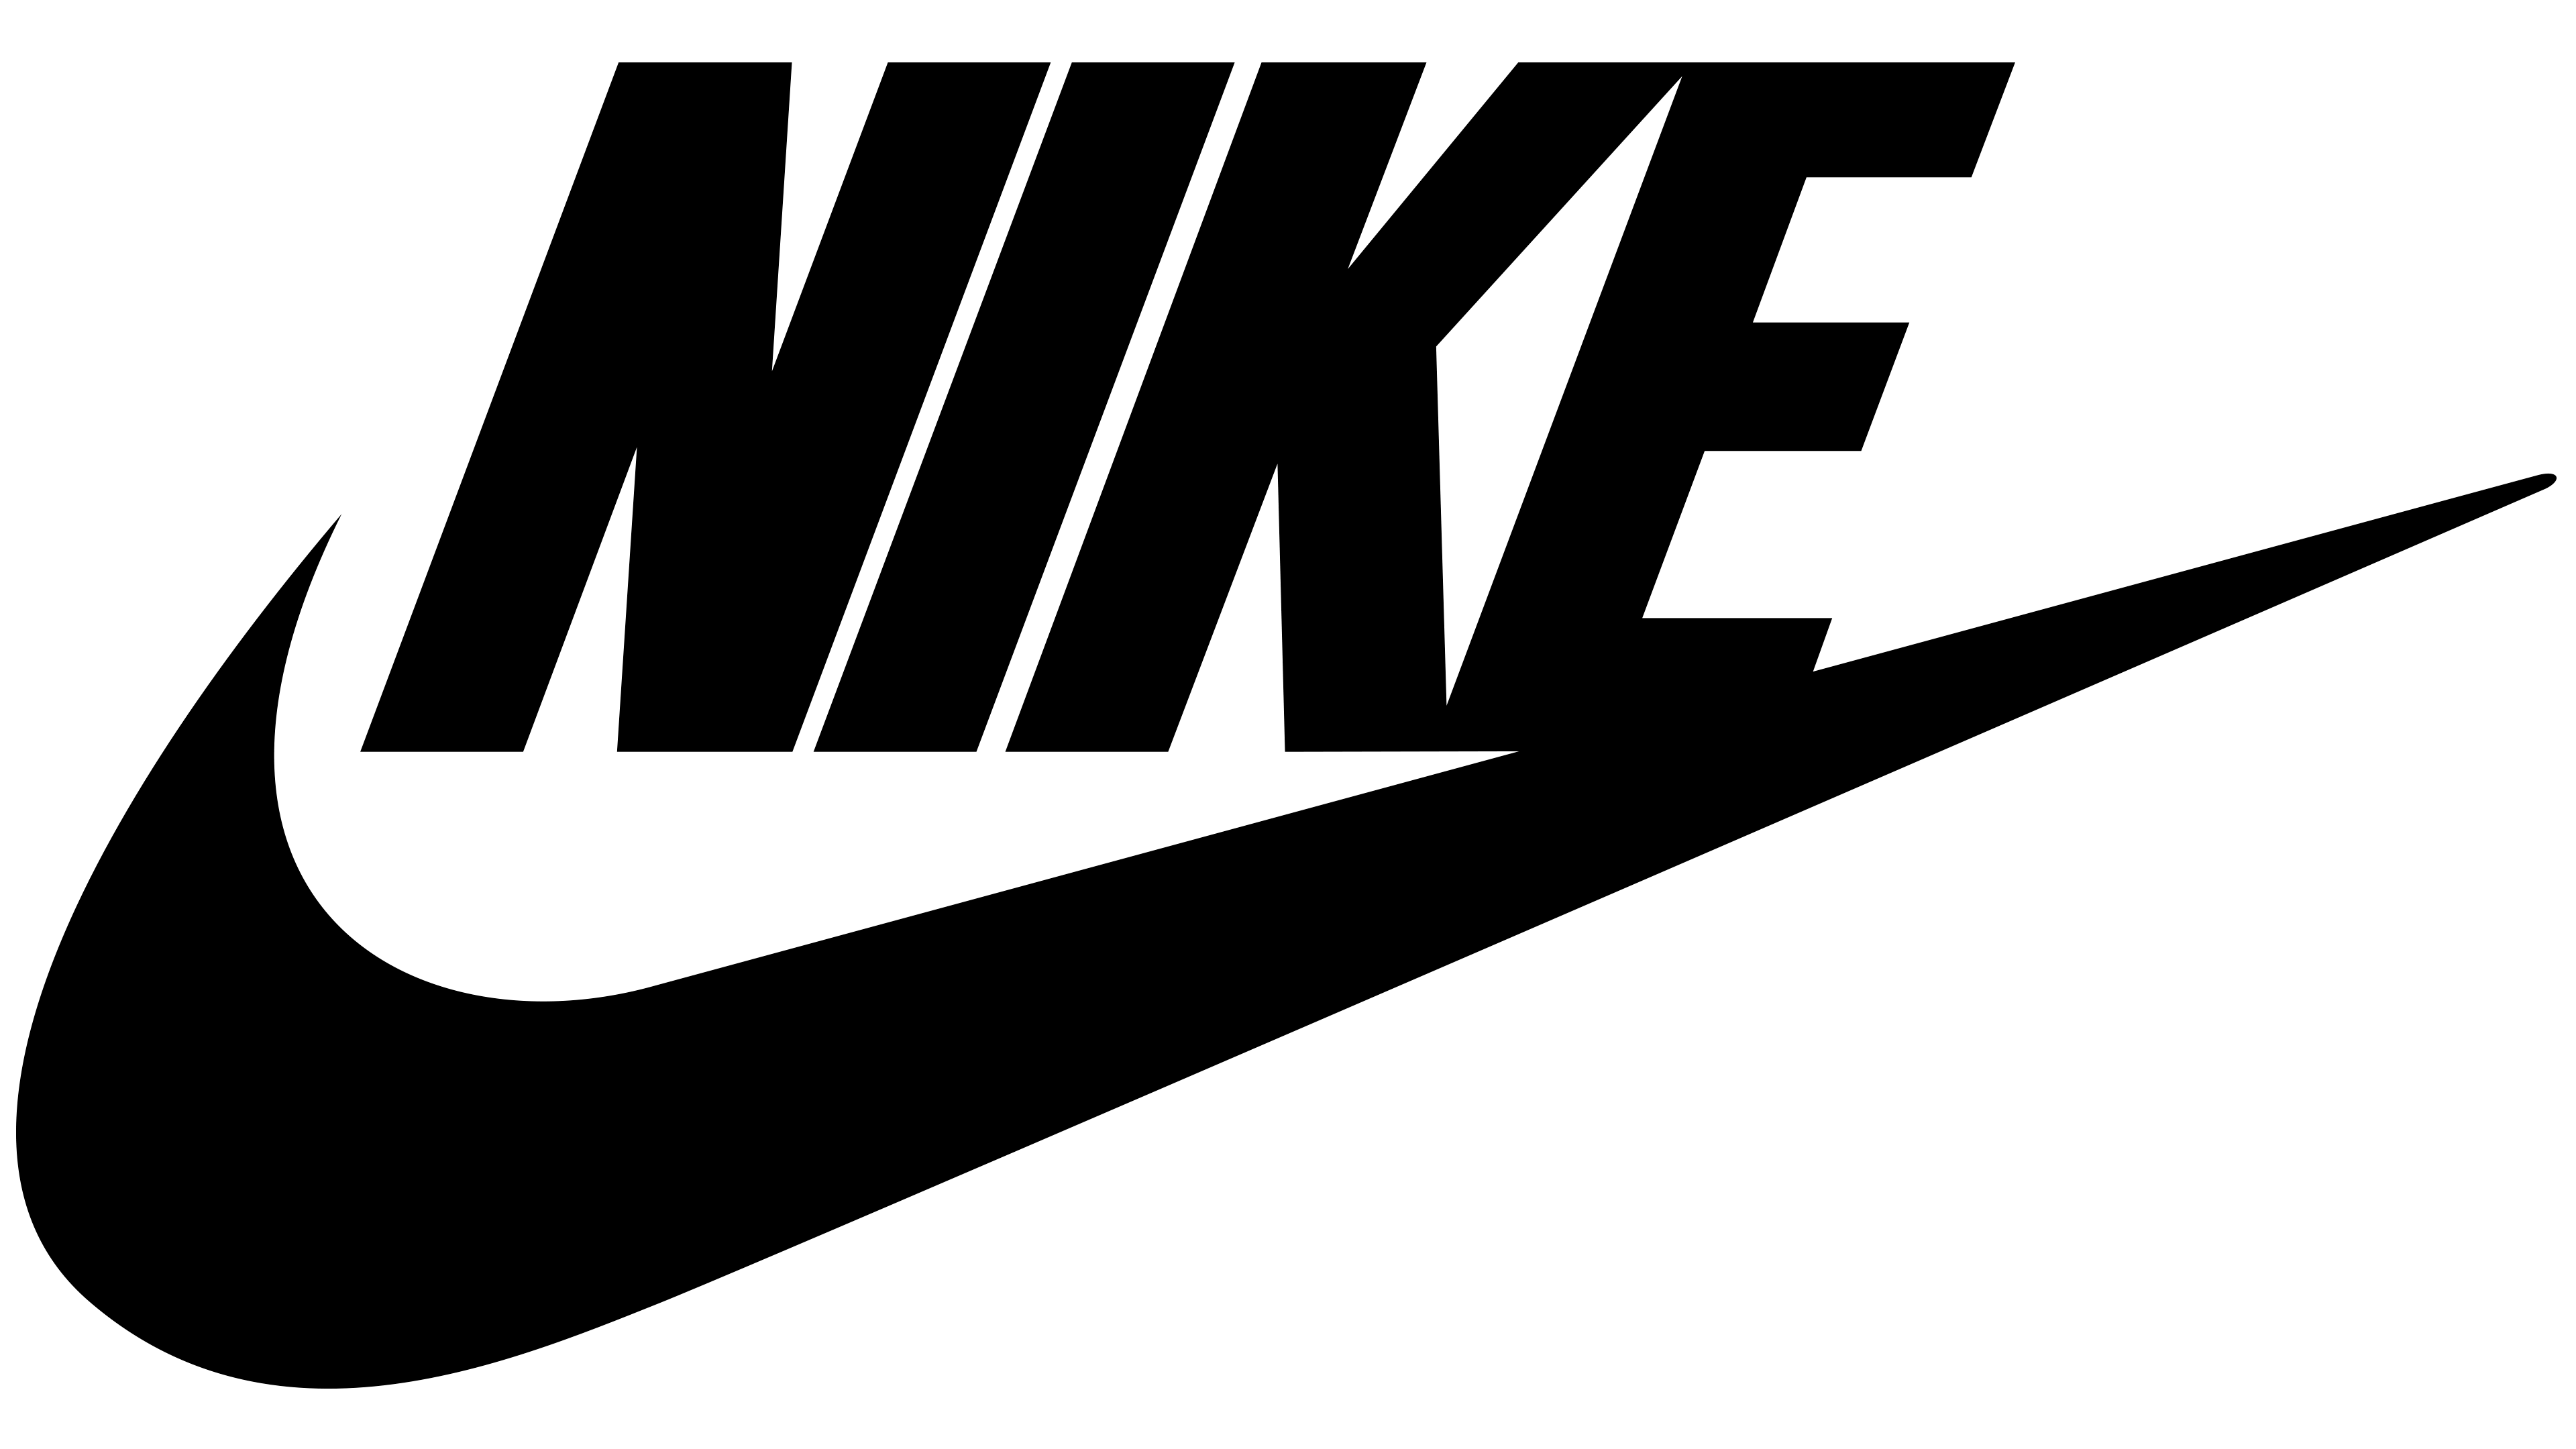 Image nike logo